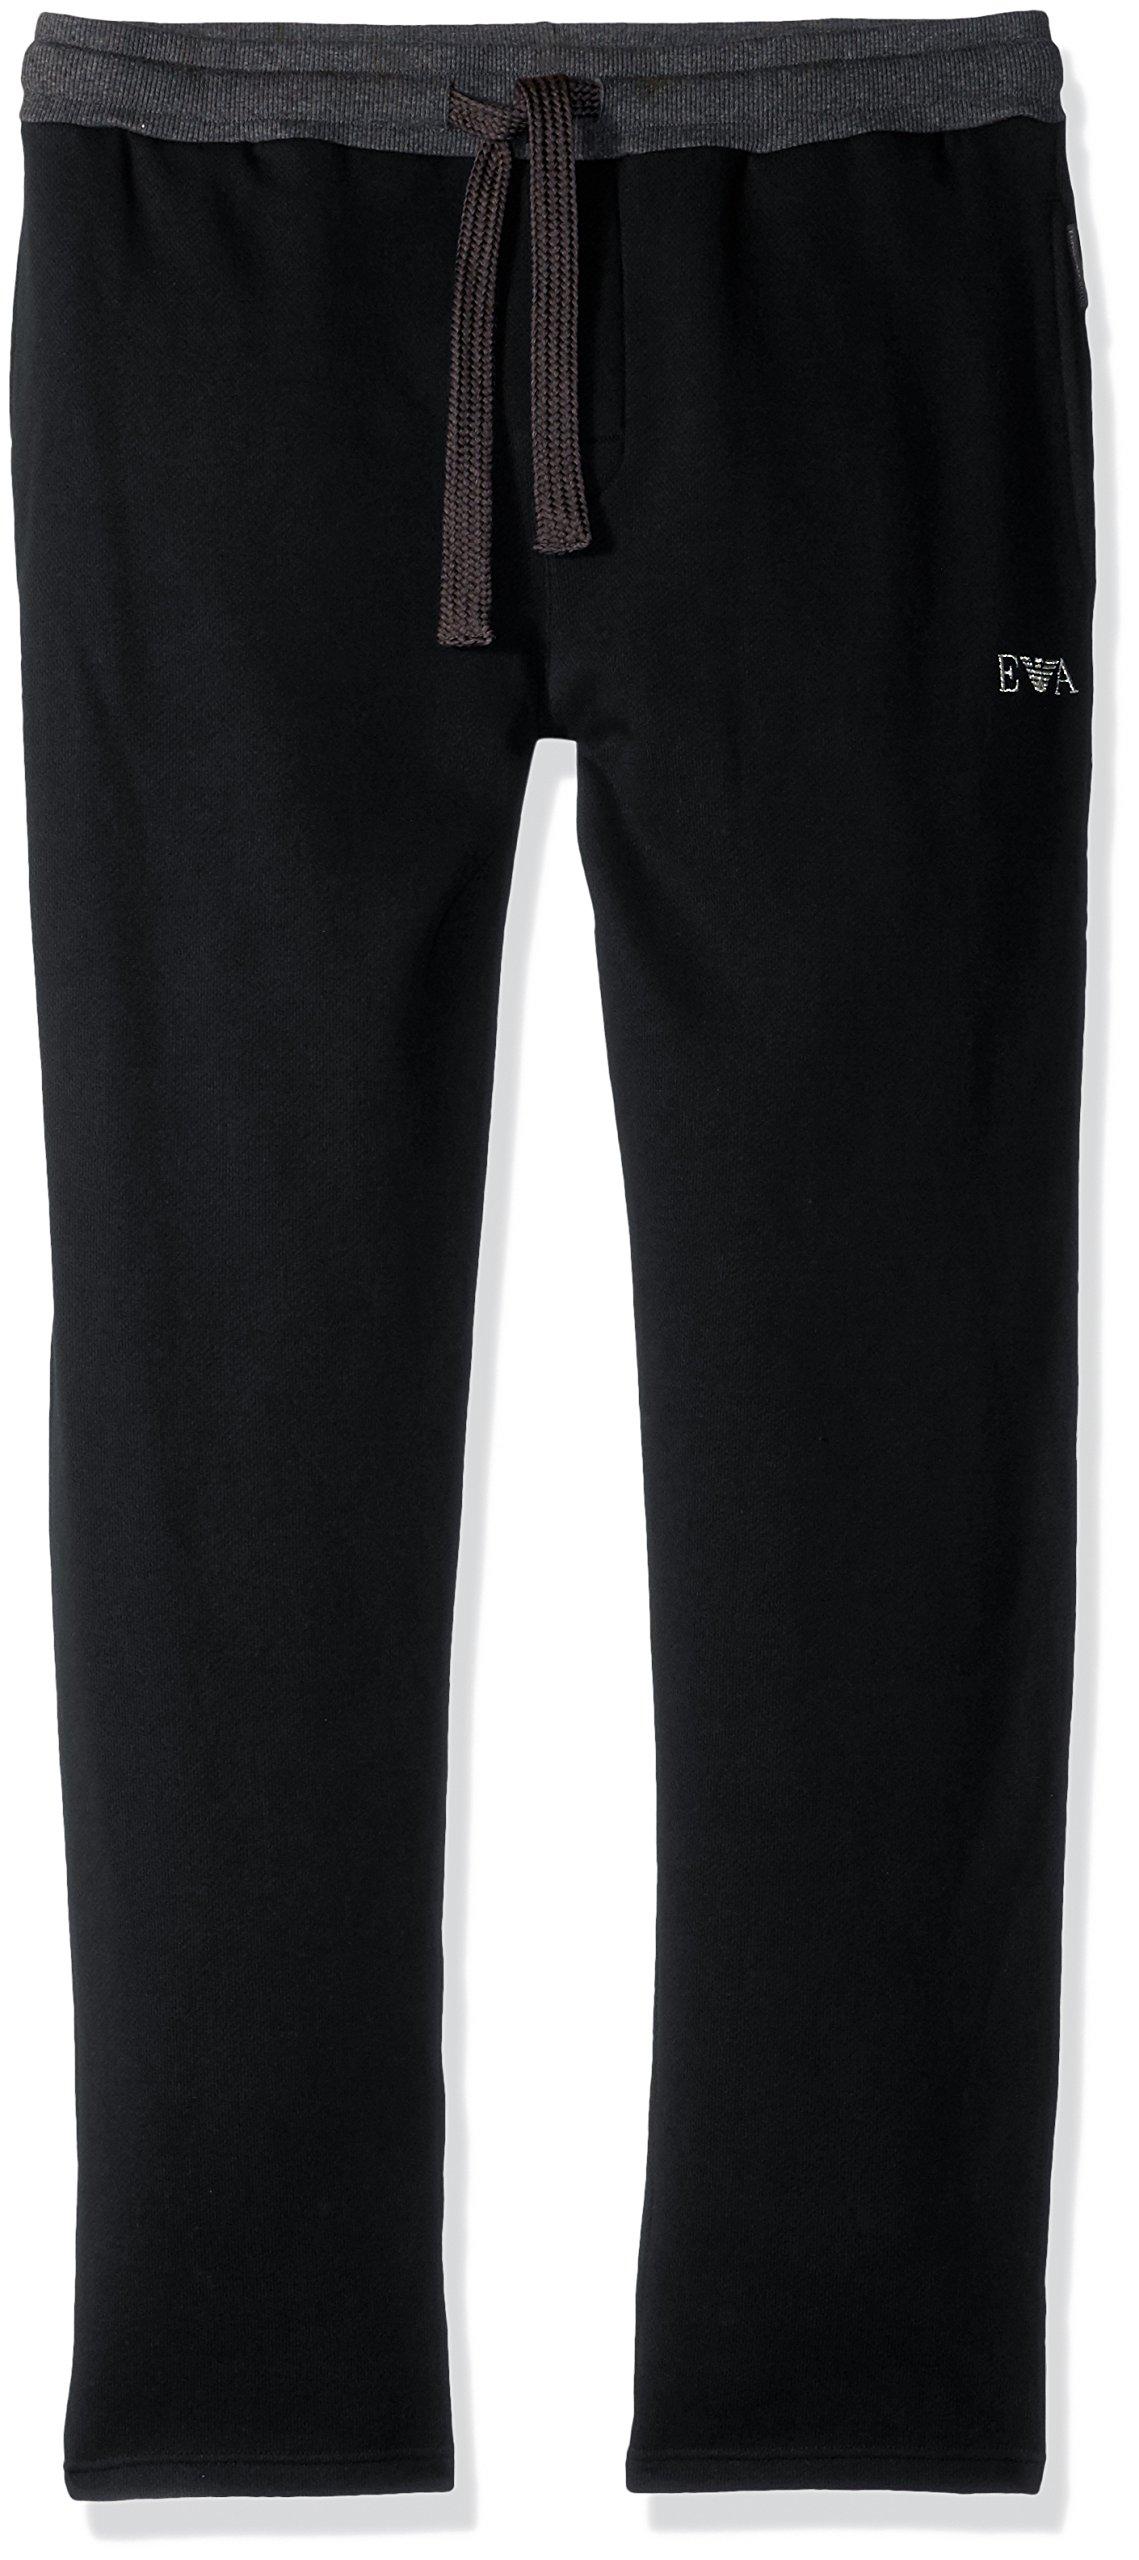 Emporio Armani Men's Soft Melange Terry Trousers, Black, L